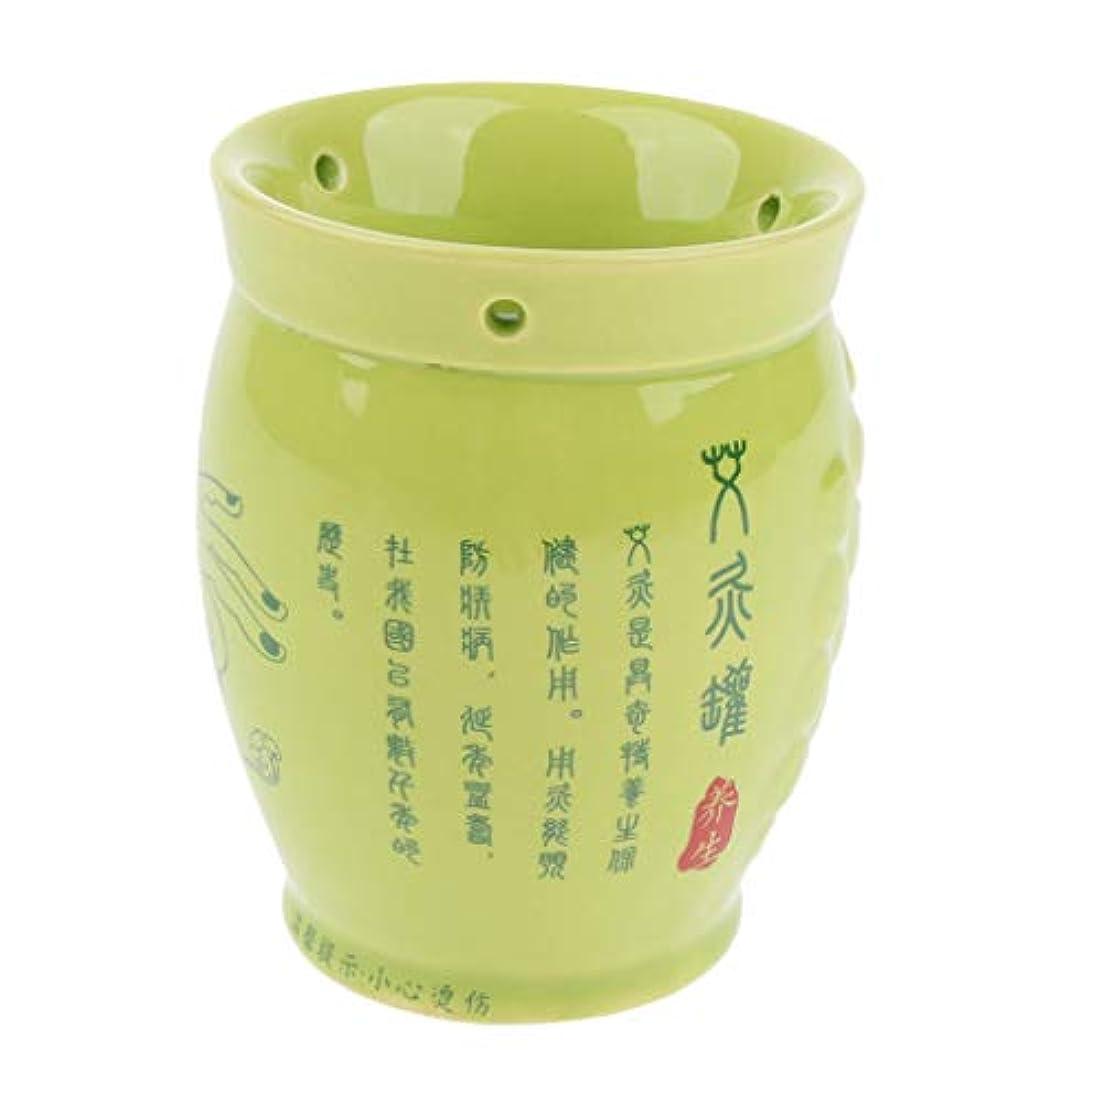 集計説明する正直Baoblaze 全身マッサージ カッピングカップ 缶 ポット お灸 中国式 セラミック 健康ケア